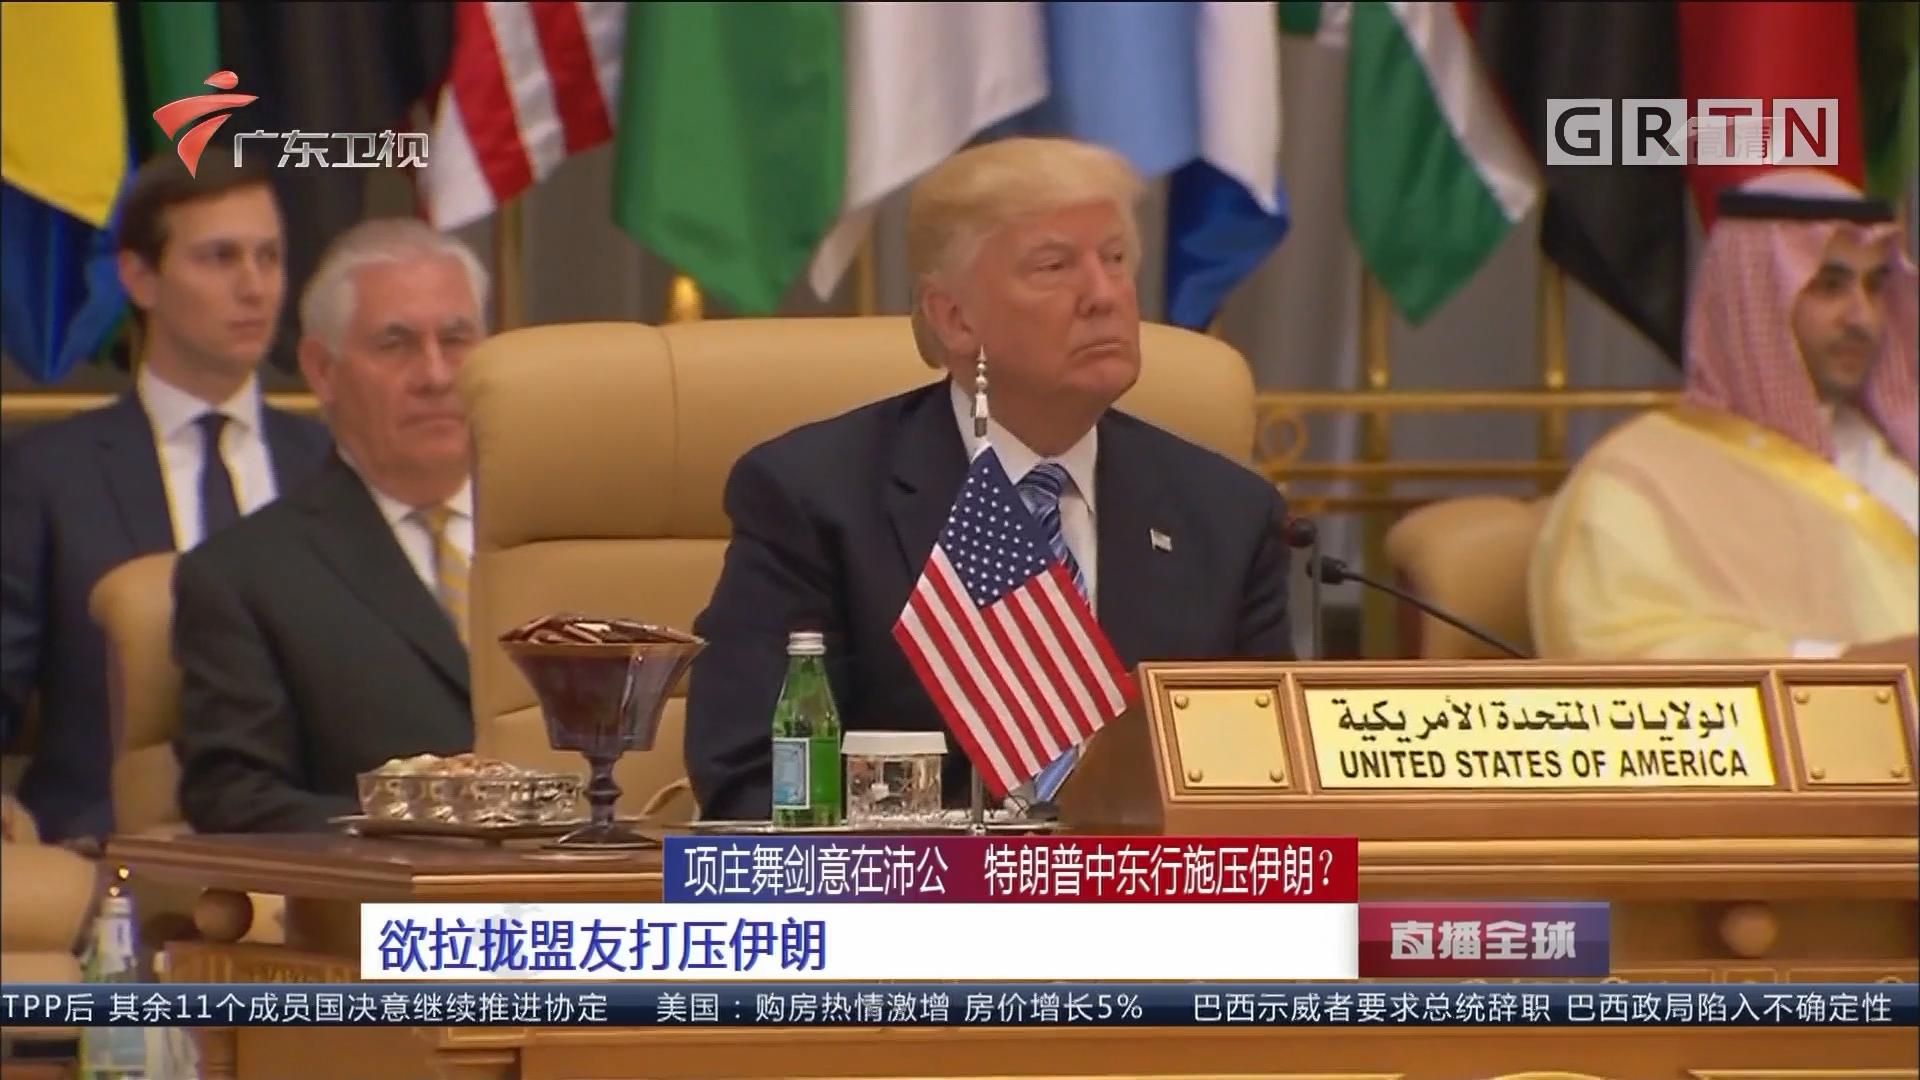 项庄舞剑意在沛公 特朗普中东行施压伊朗? 欲拉拢盟友打压伊朗